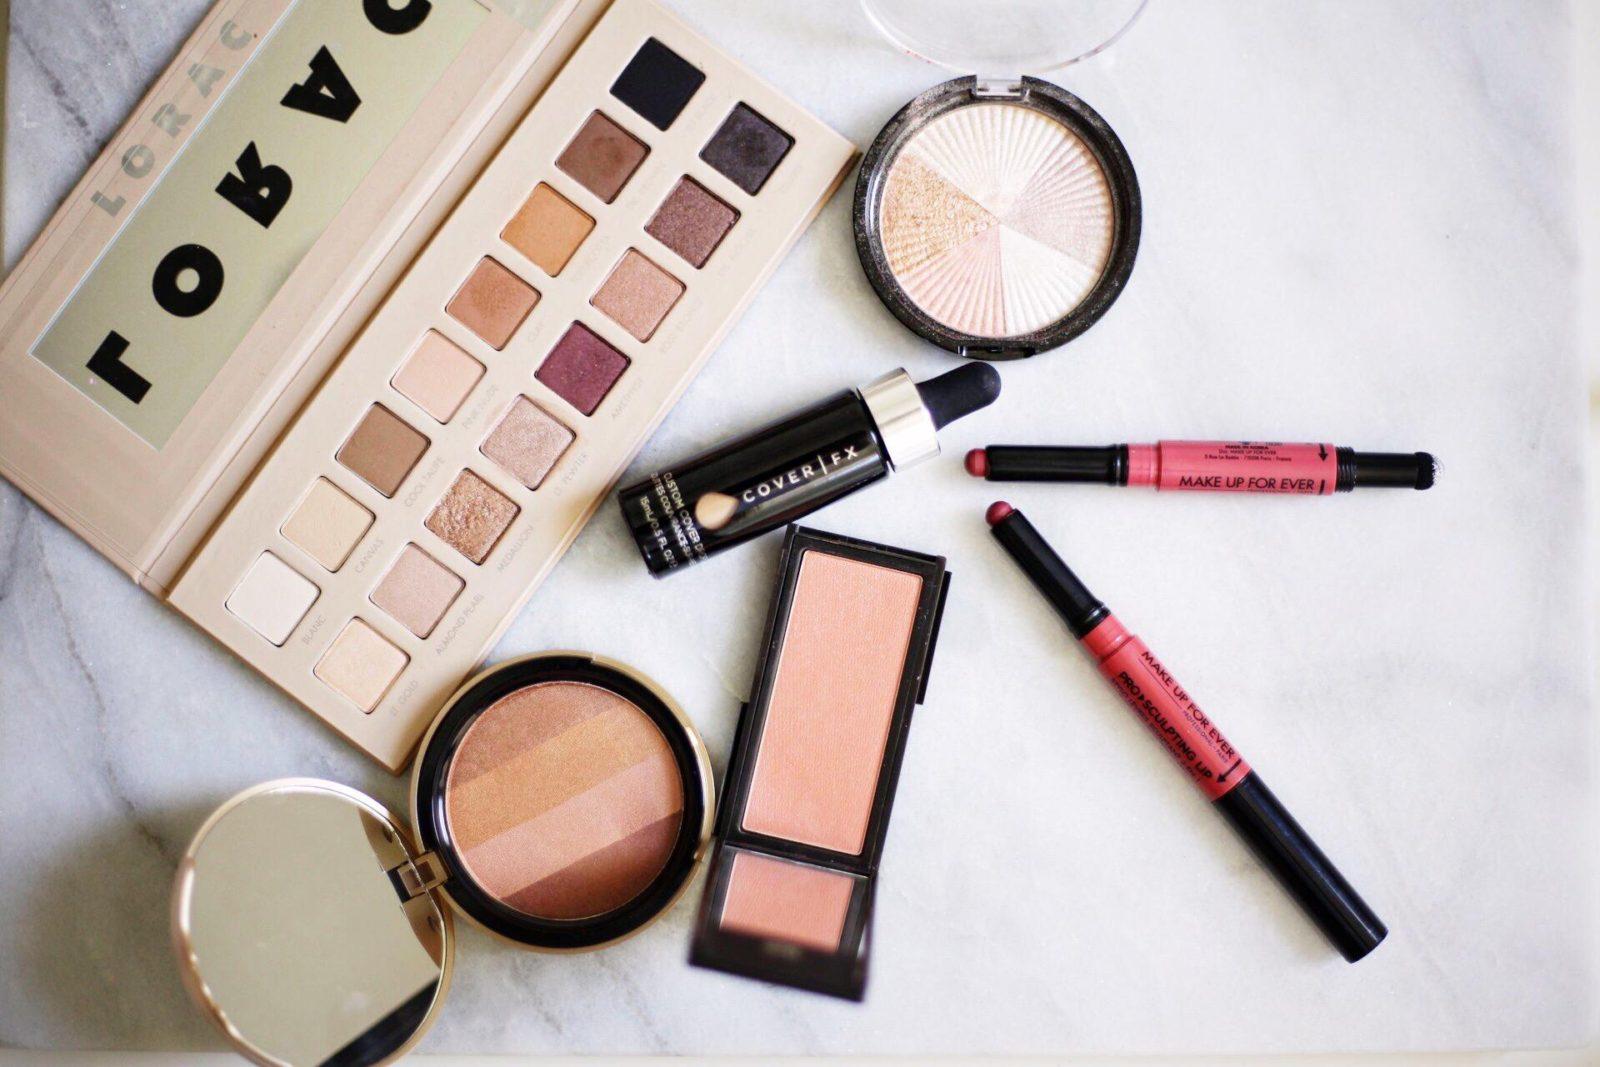 makeup bag monday series